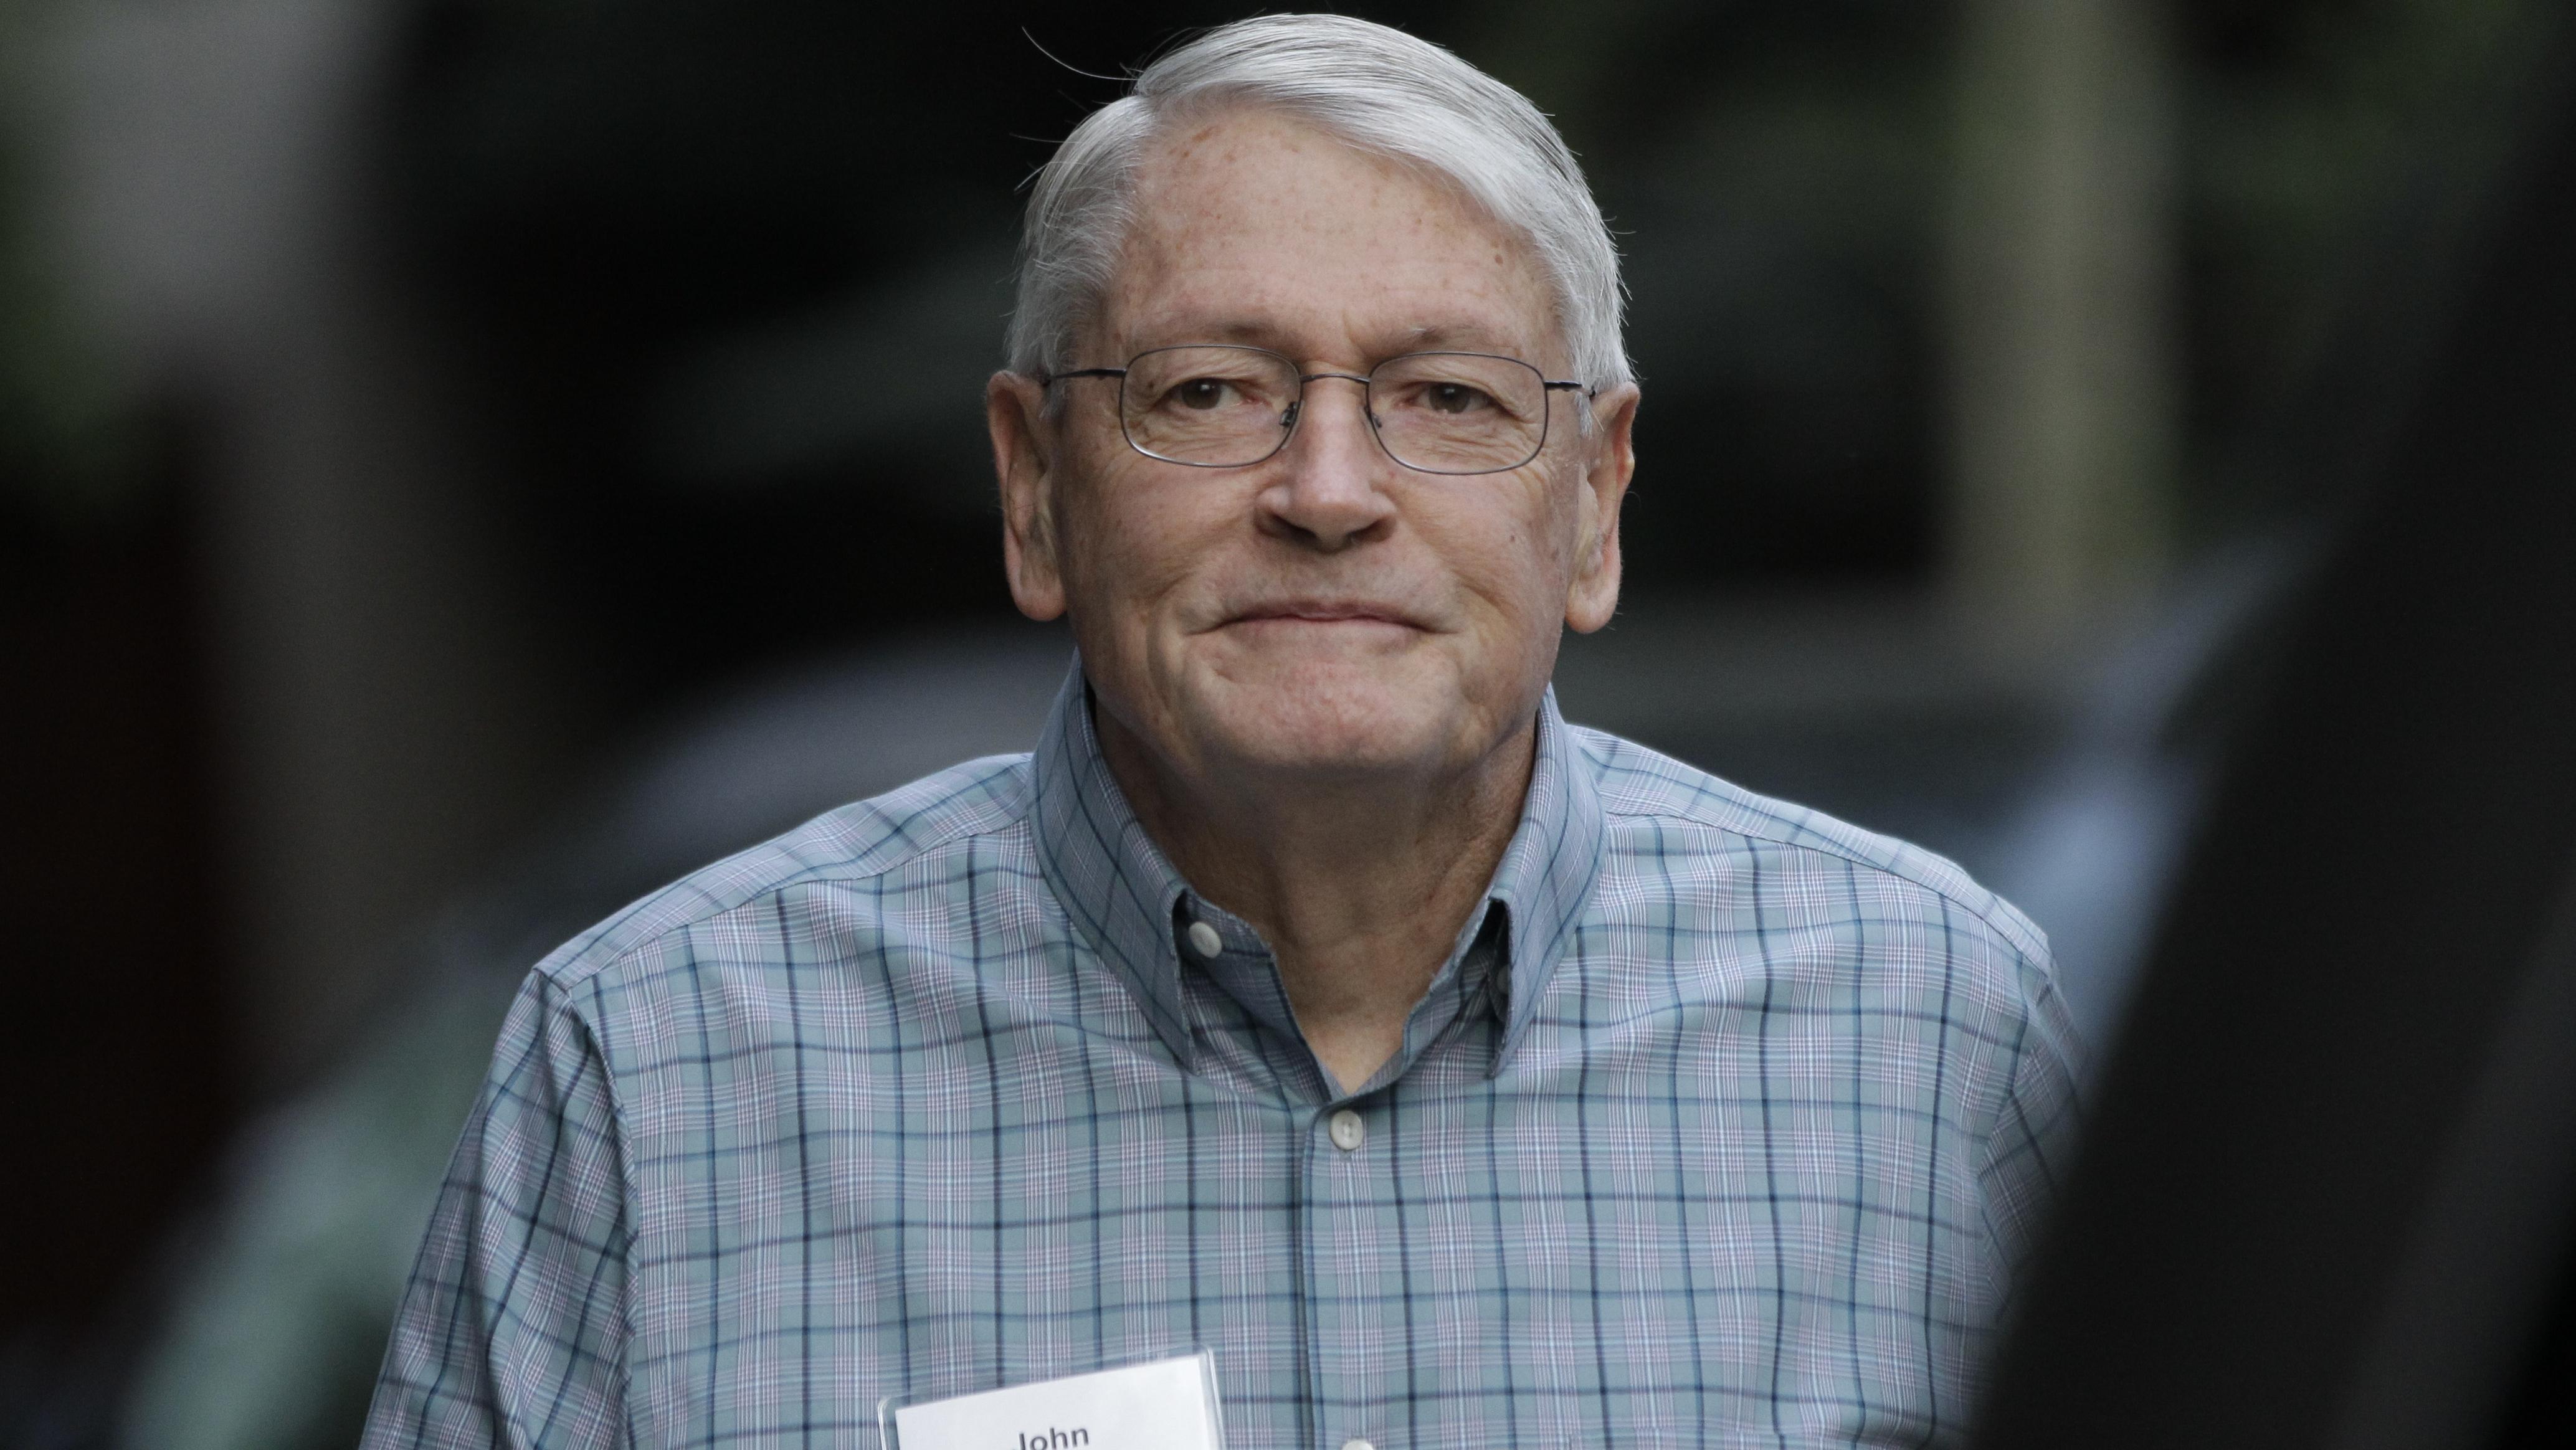 John Malone in 2012 - H 2015